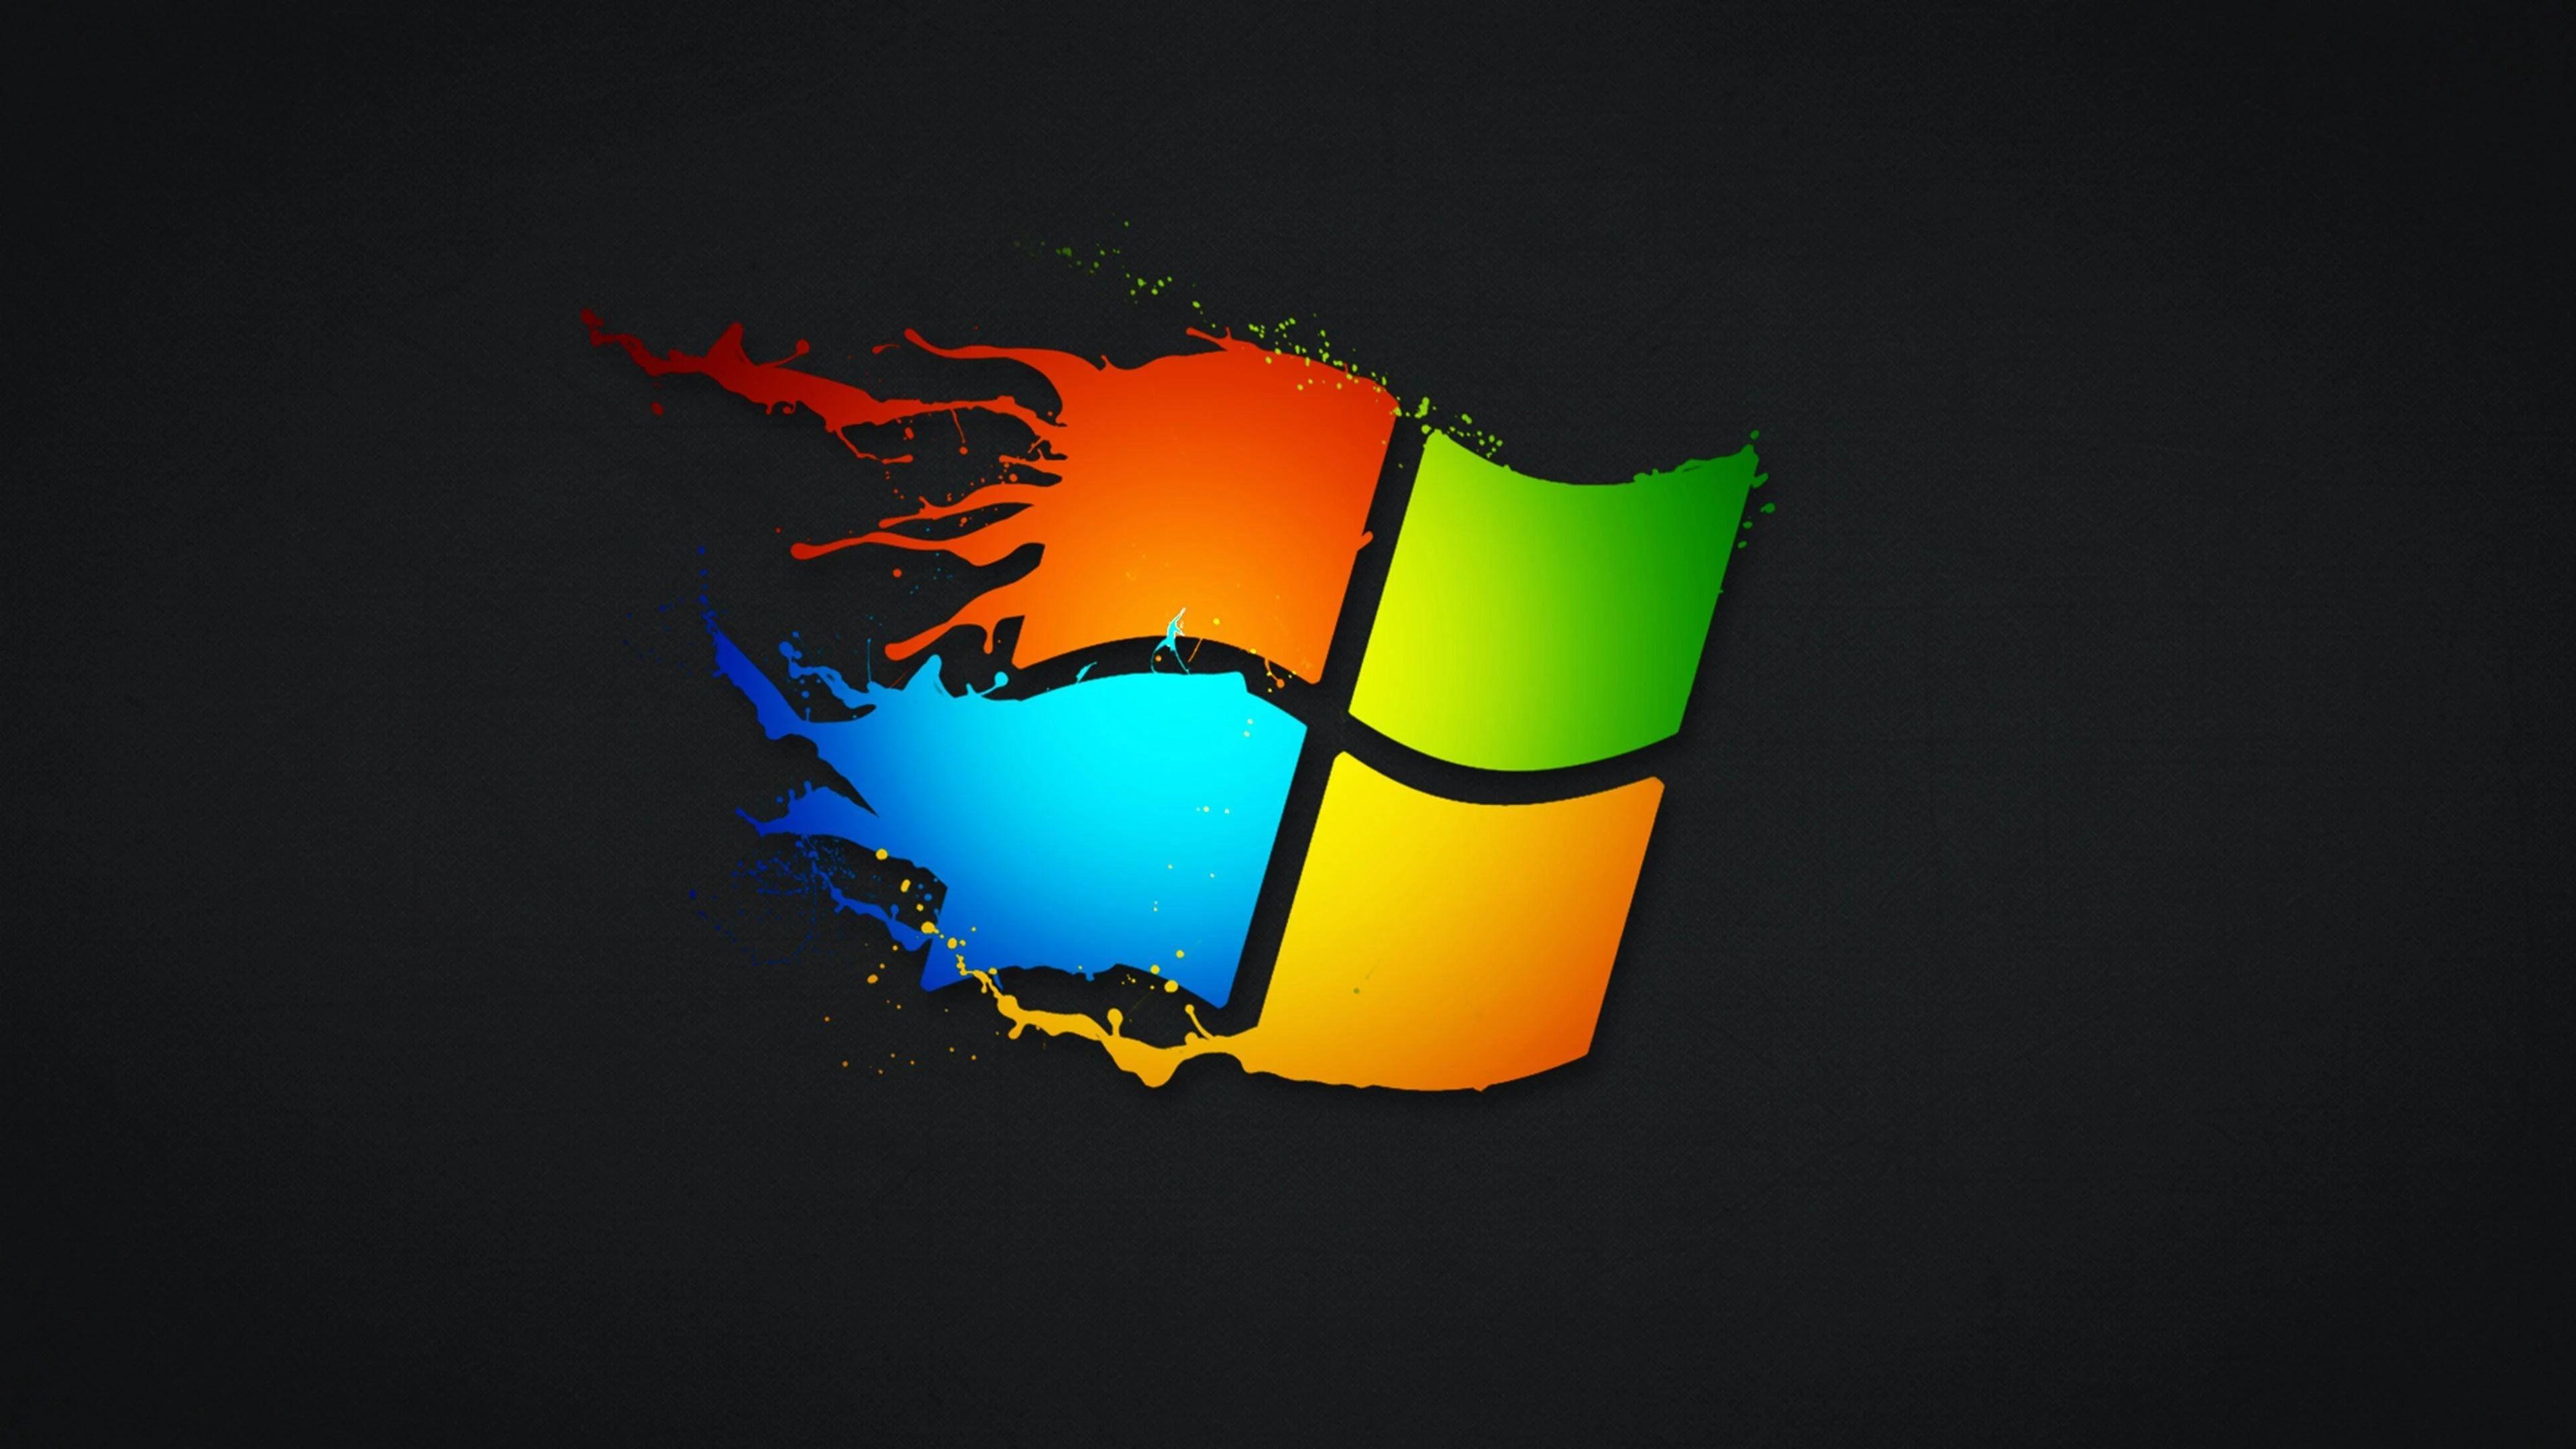 4k Ultra Hd Windows Wallpapers Top Free 4k Ultra Hd Windows Backgrounds Wallpaperaccess